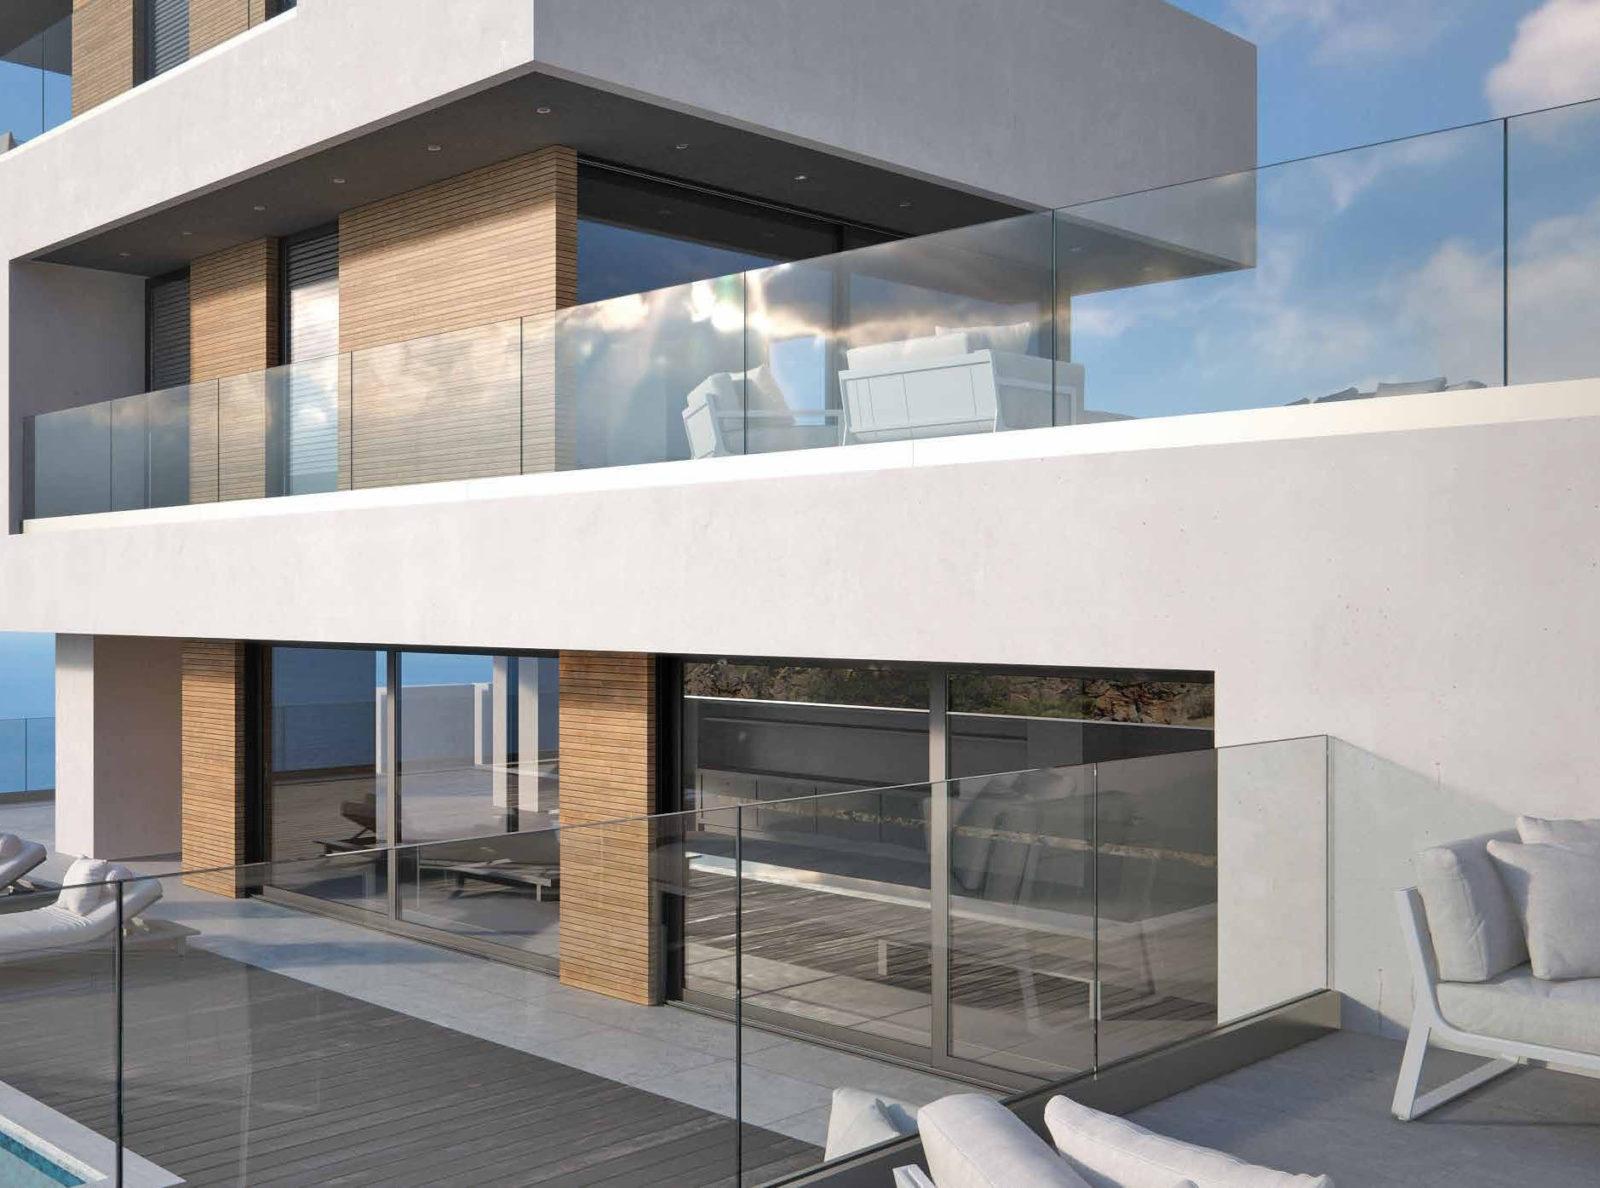 garde corps en verre s curis sans montant pour terrasse. Black Bedroom Furniture Sets. Home Design Ideas